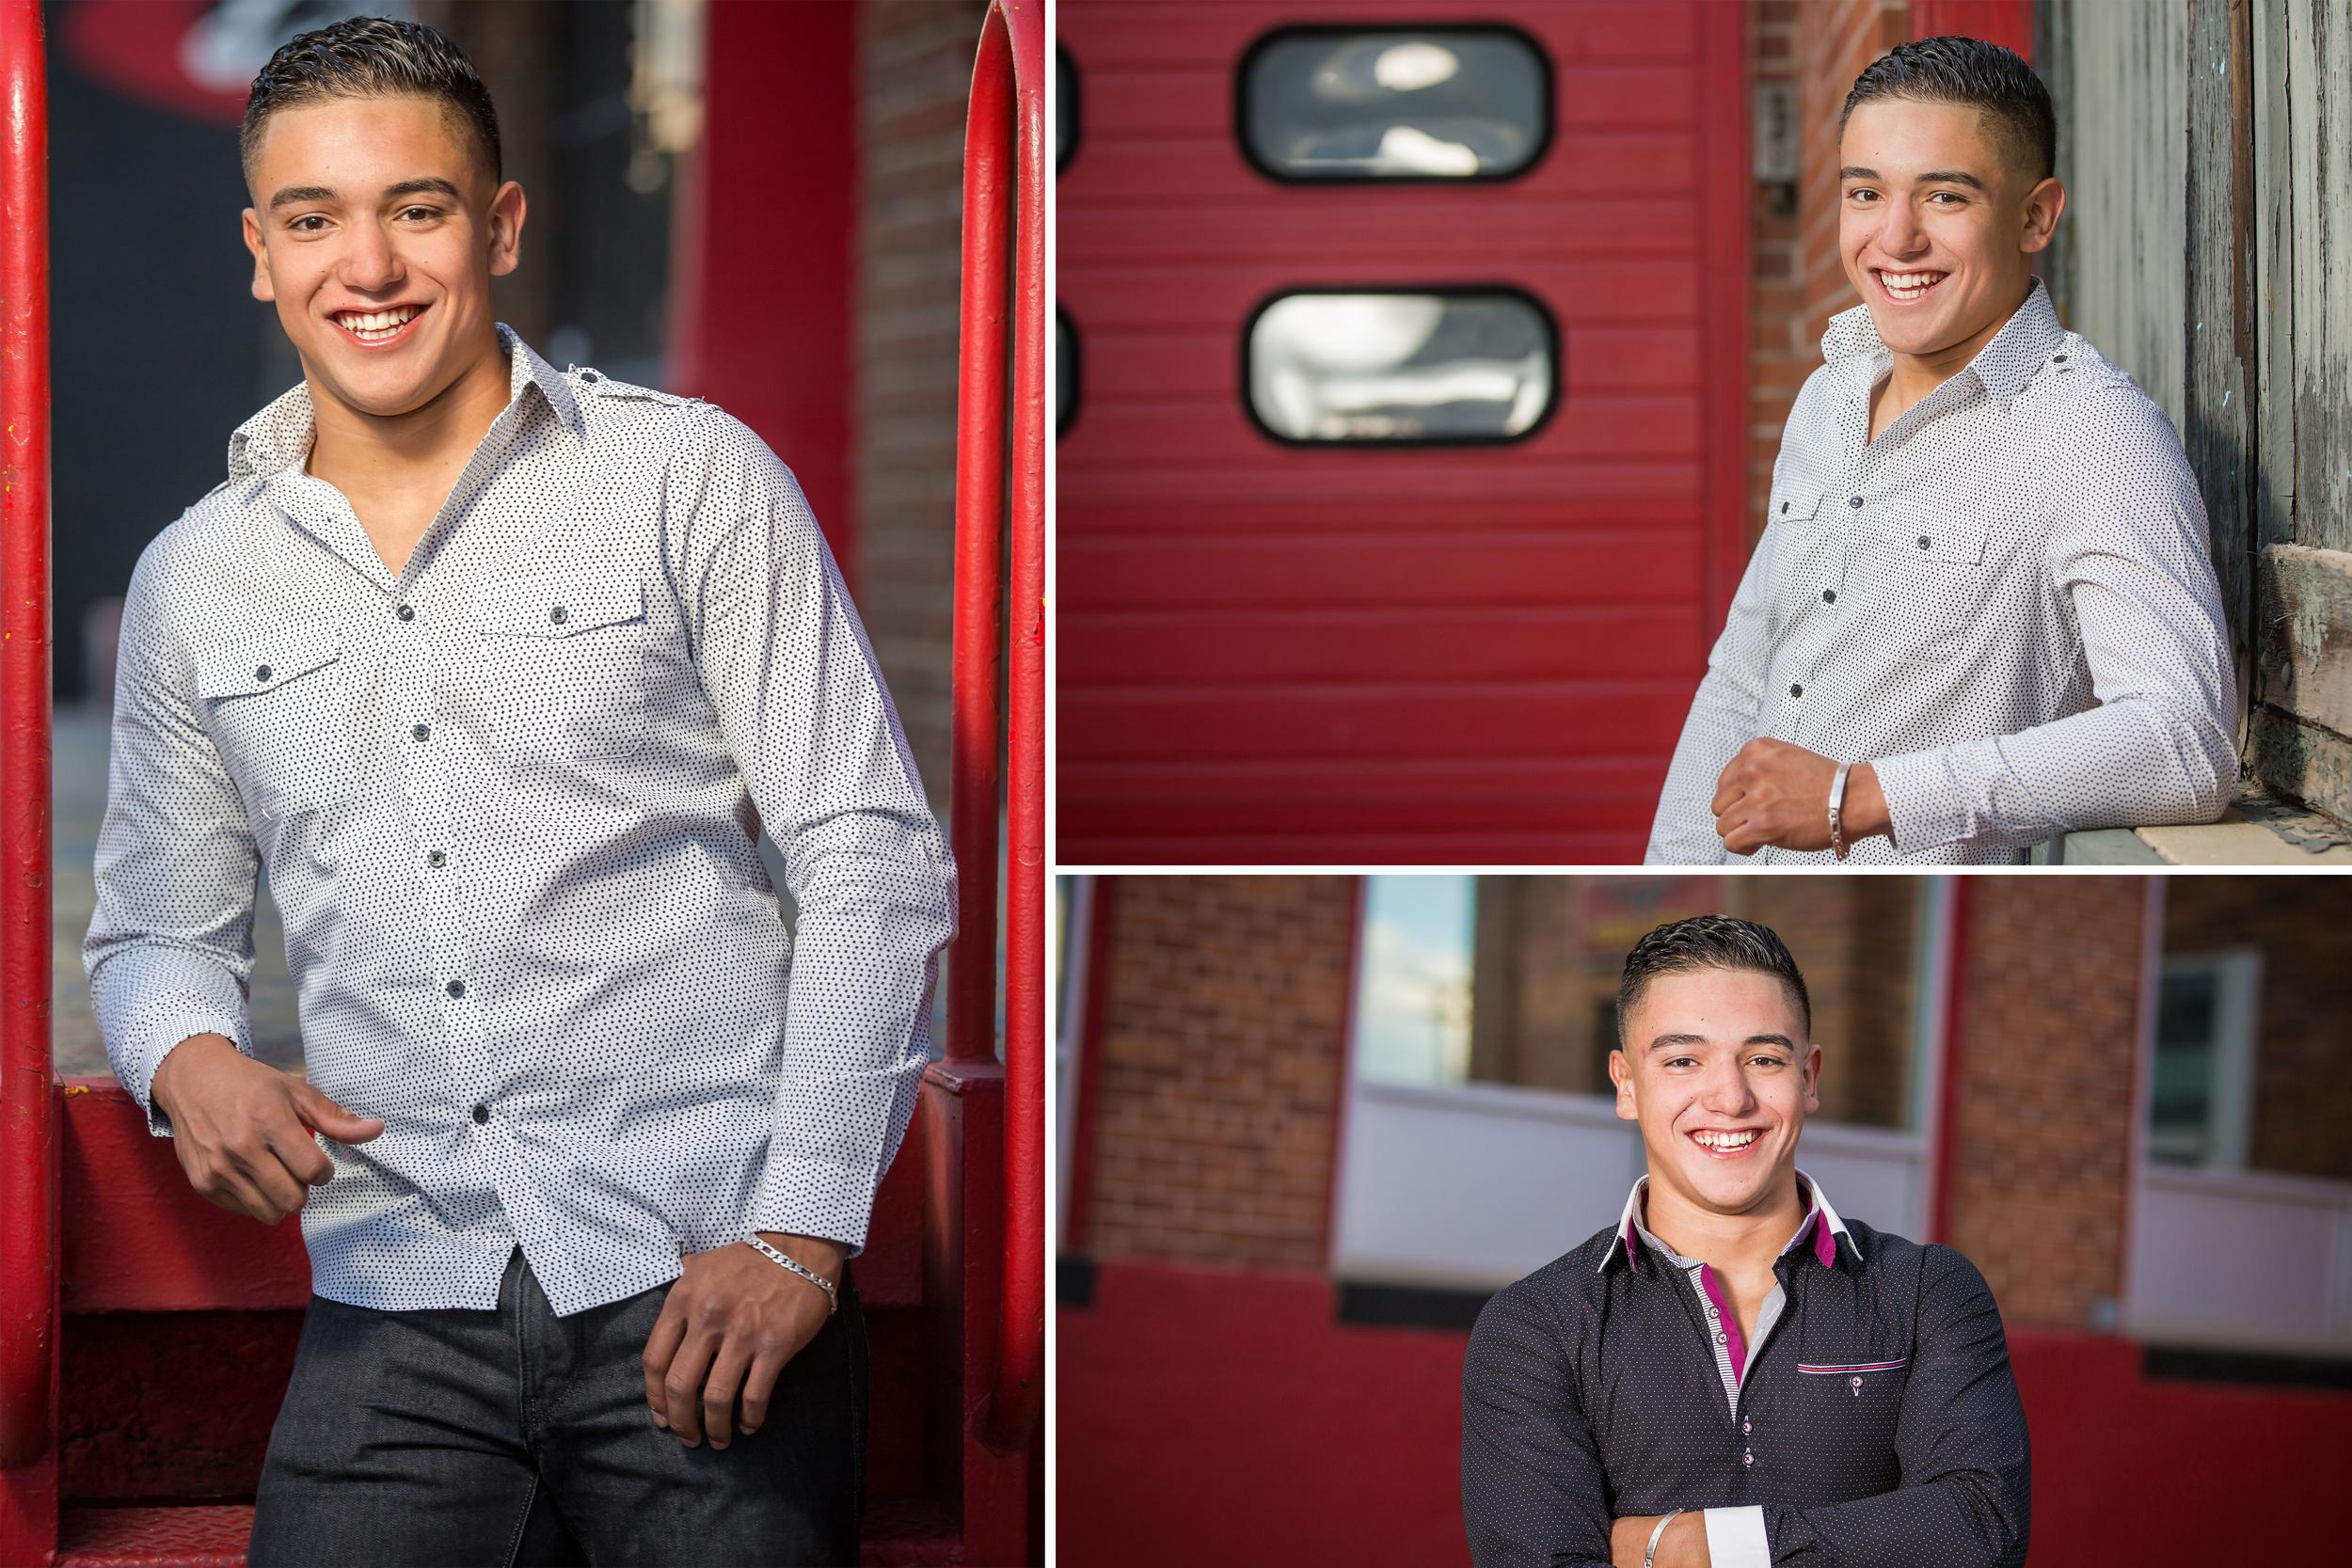 Senior+Portrait+Photographer+in+Denver-1.jpg